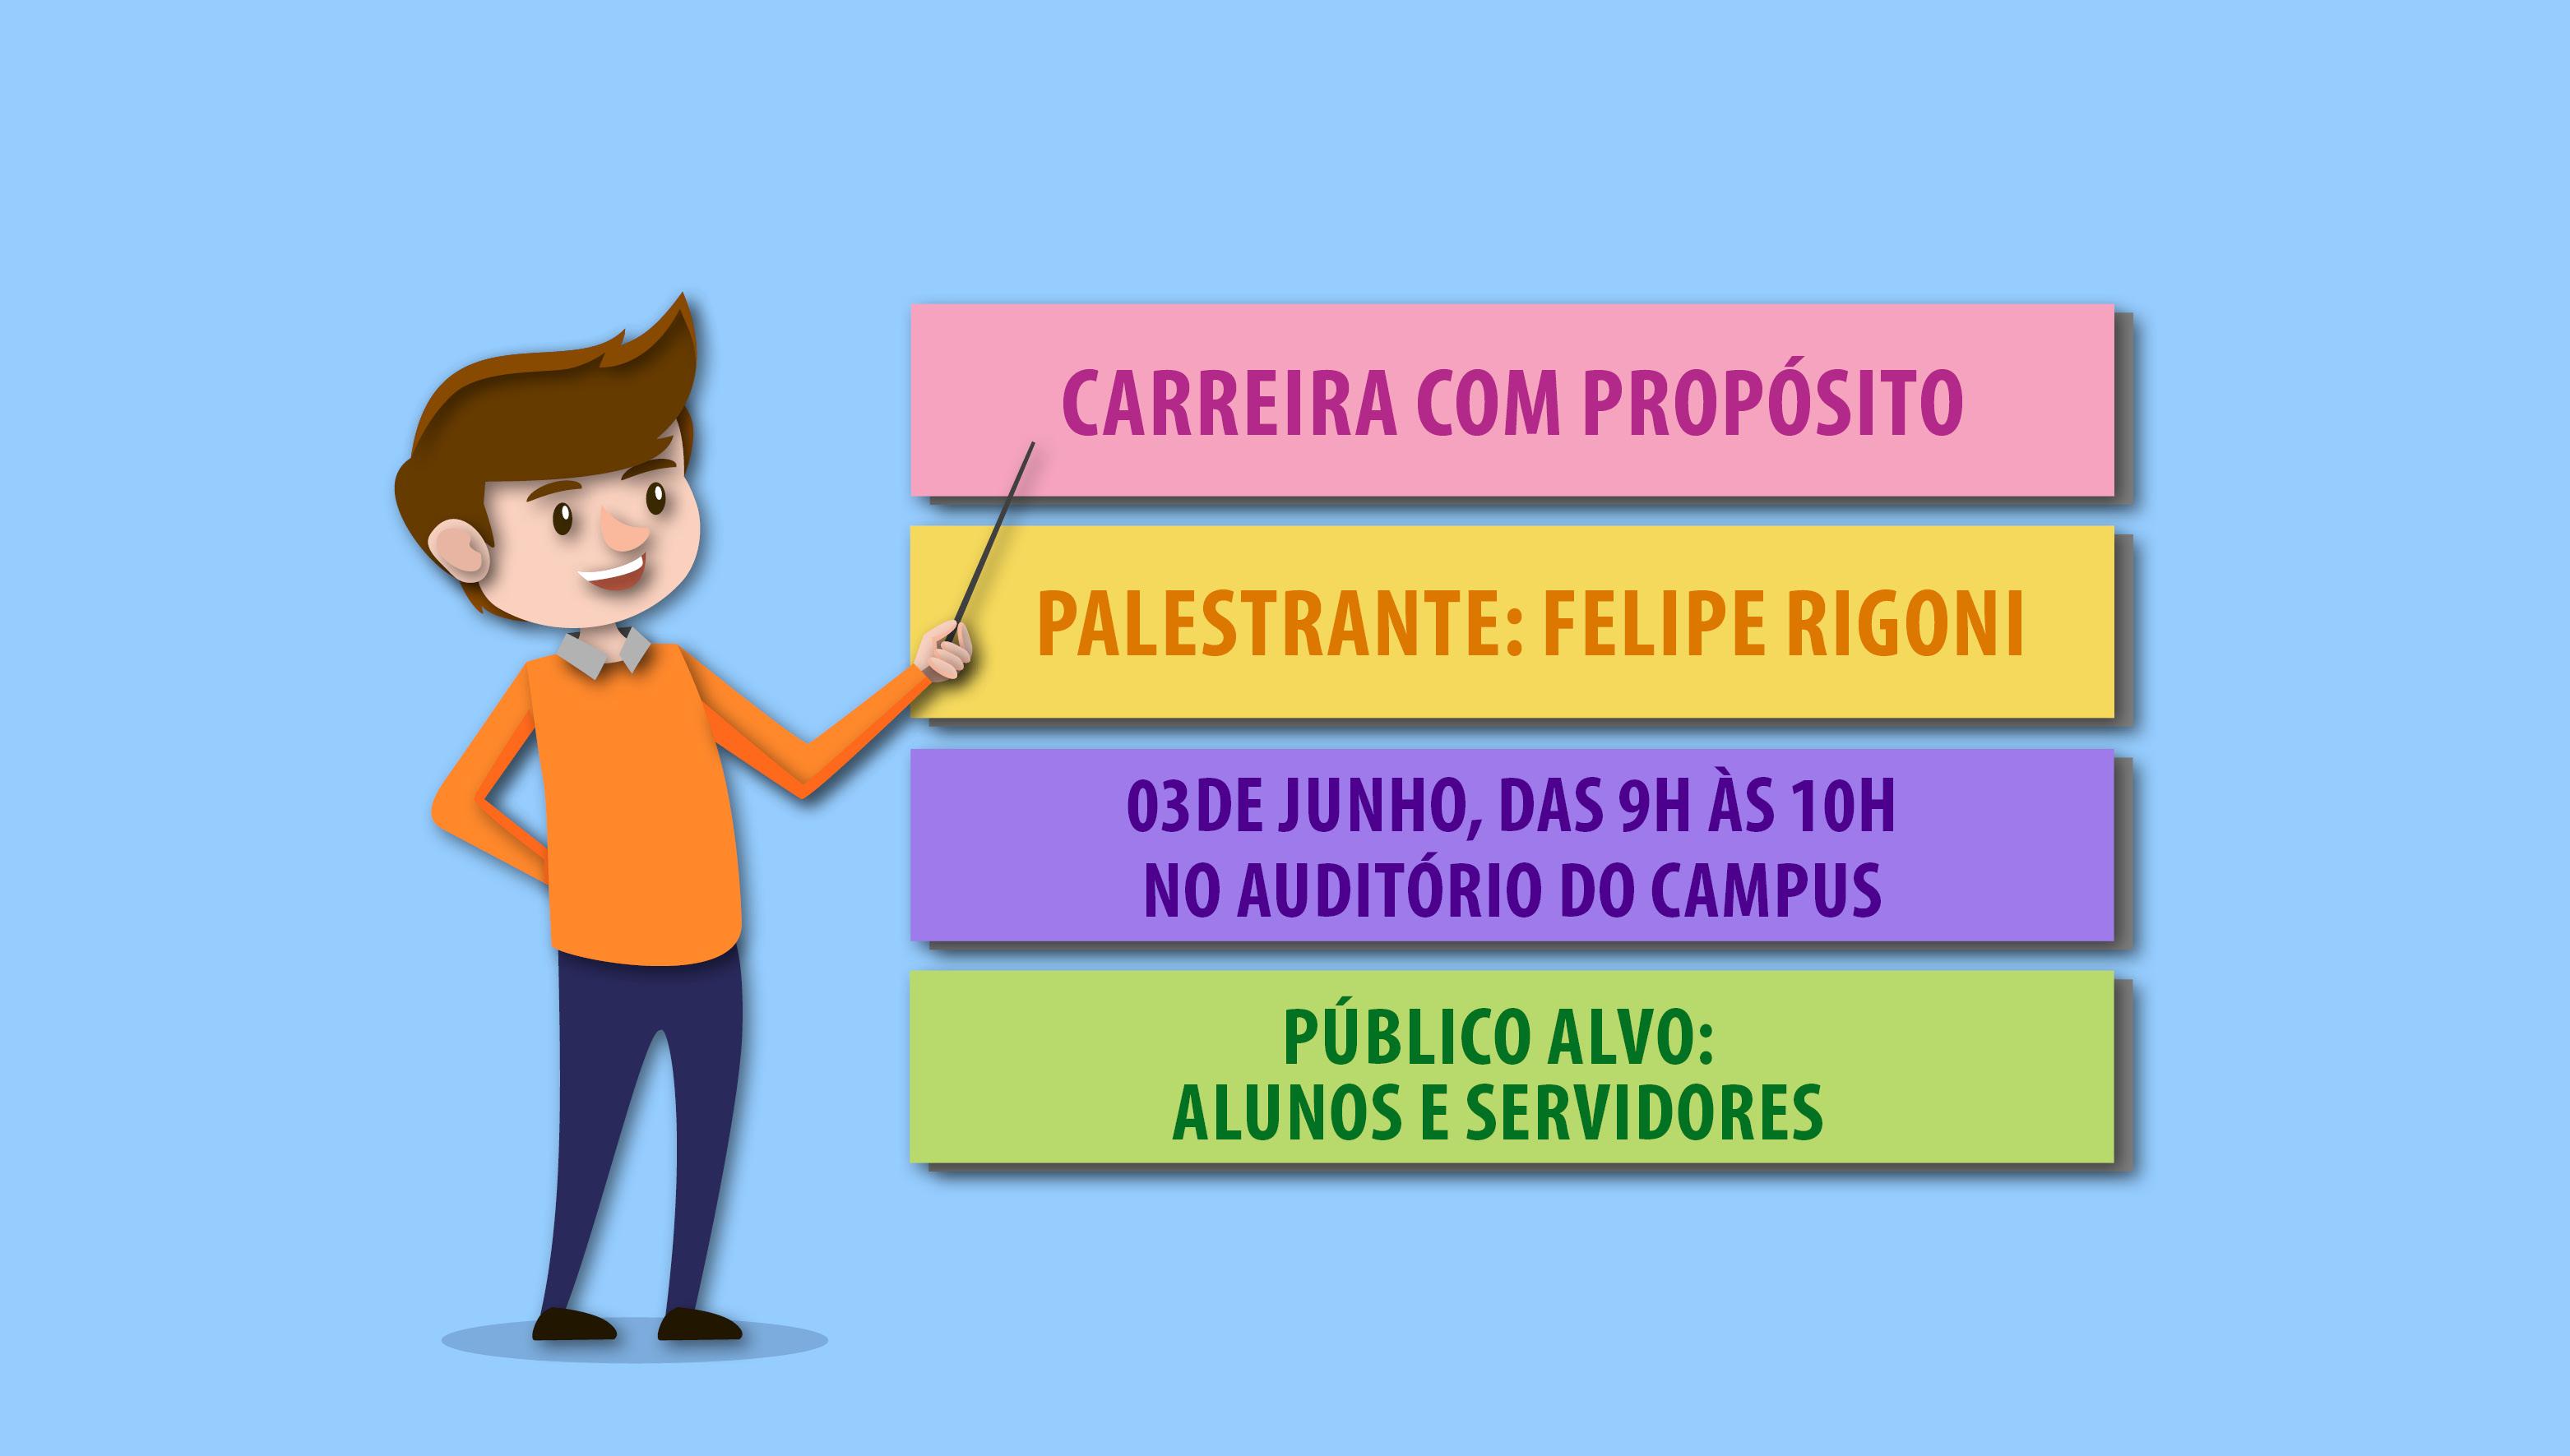 Palestra Carreira com Propósito acontece no dia 3 de junho no auditório do Campus